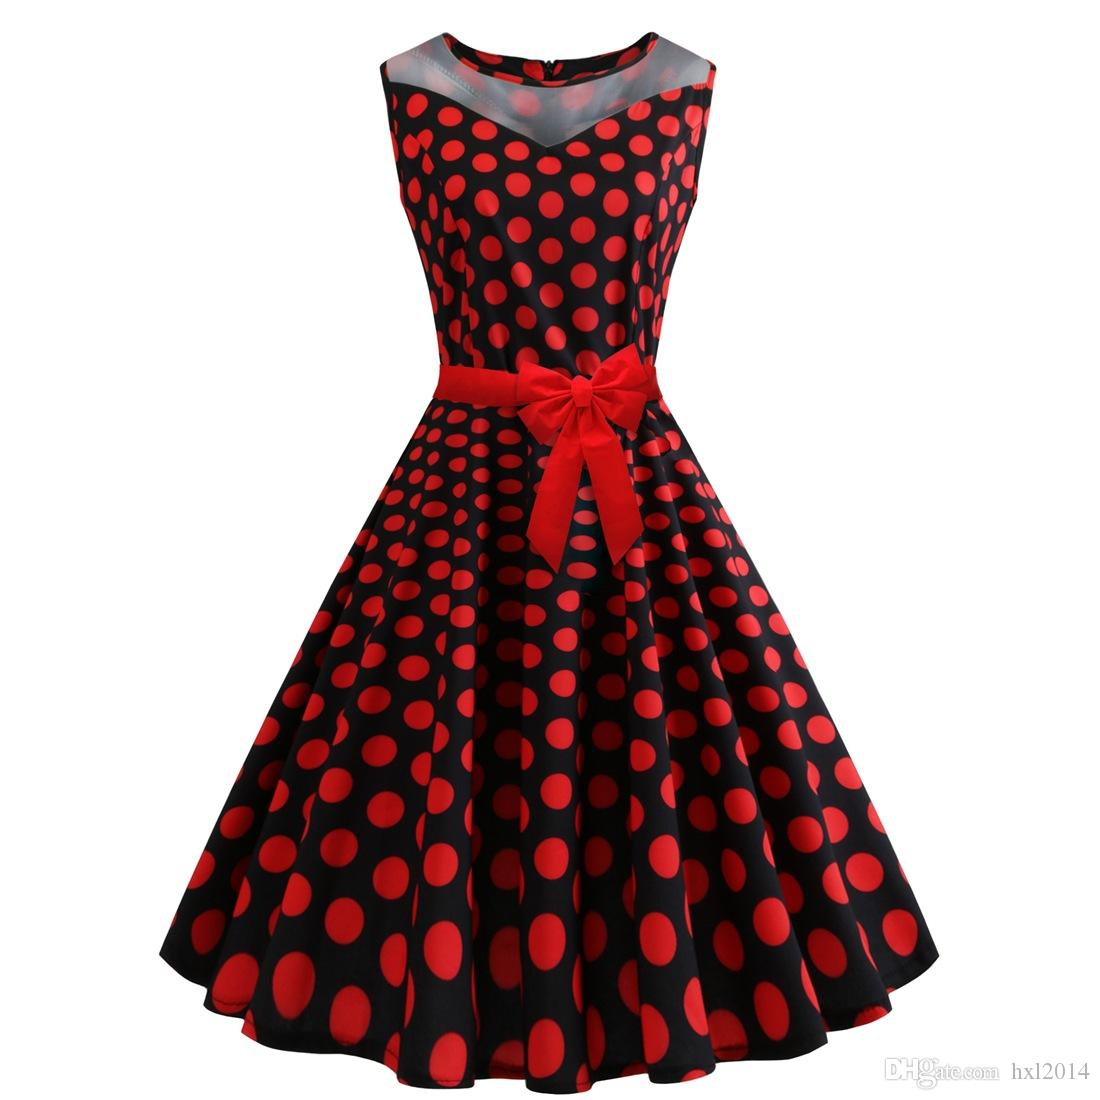 7b50acc17 Ropa de mujer 2019 Moda de verano tallas grandes Vestidos casuales rojos  para mujer Polka Dot Imprimir sin mangas vestido vintage falda expansión